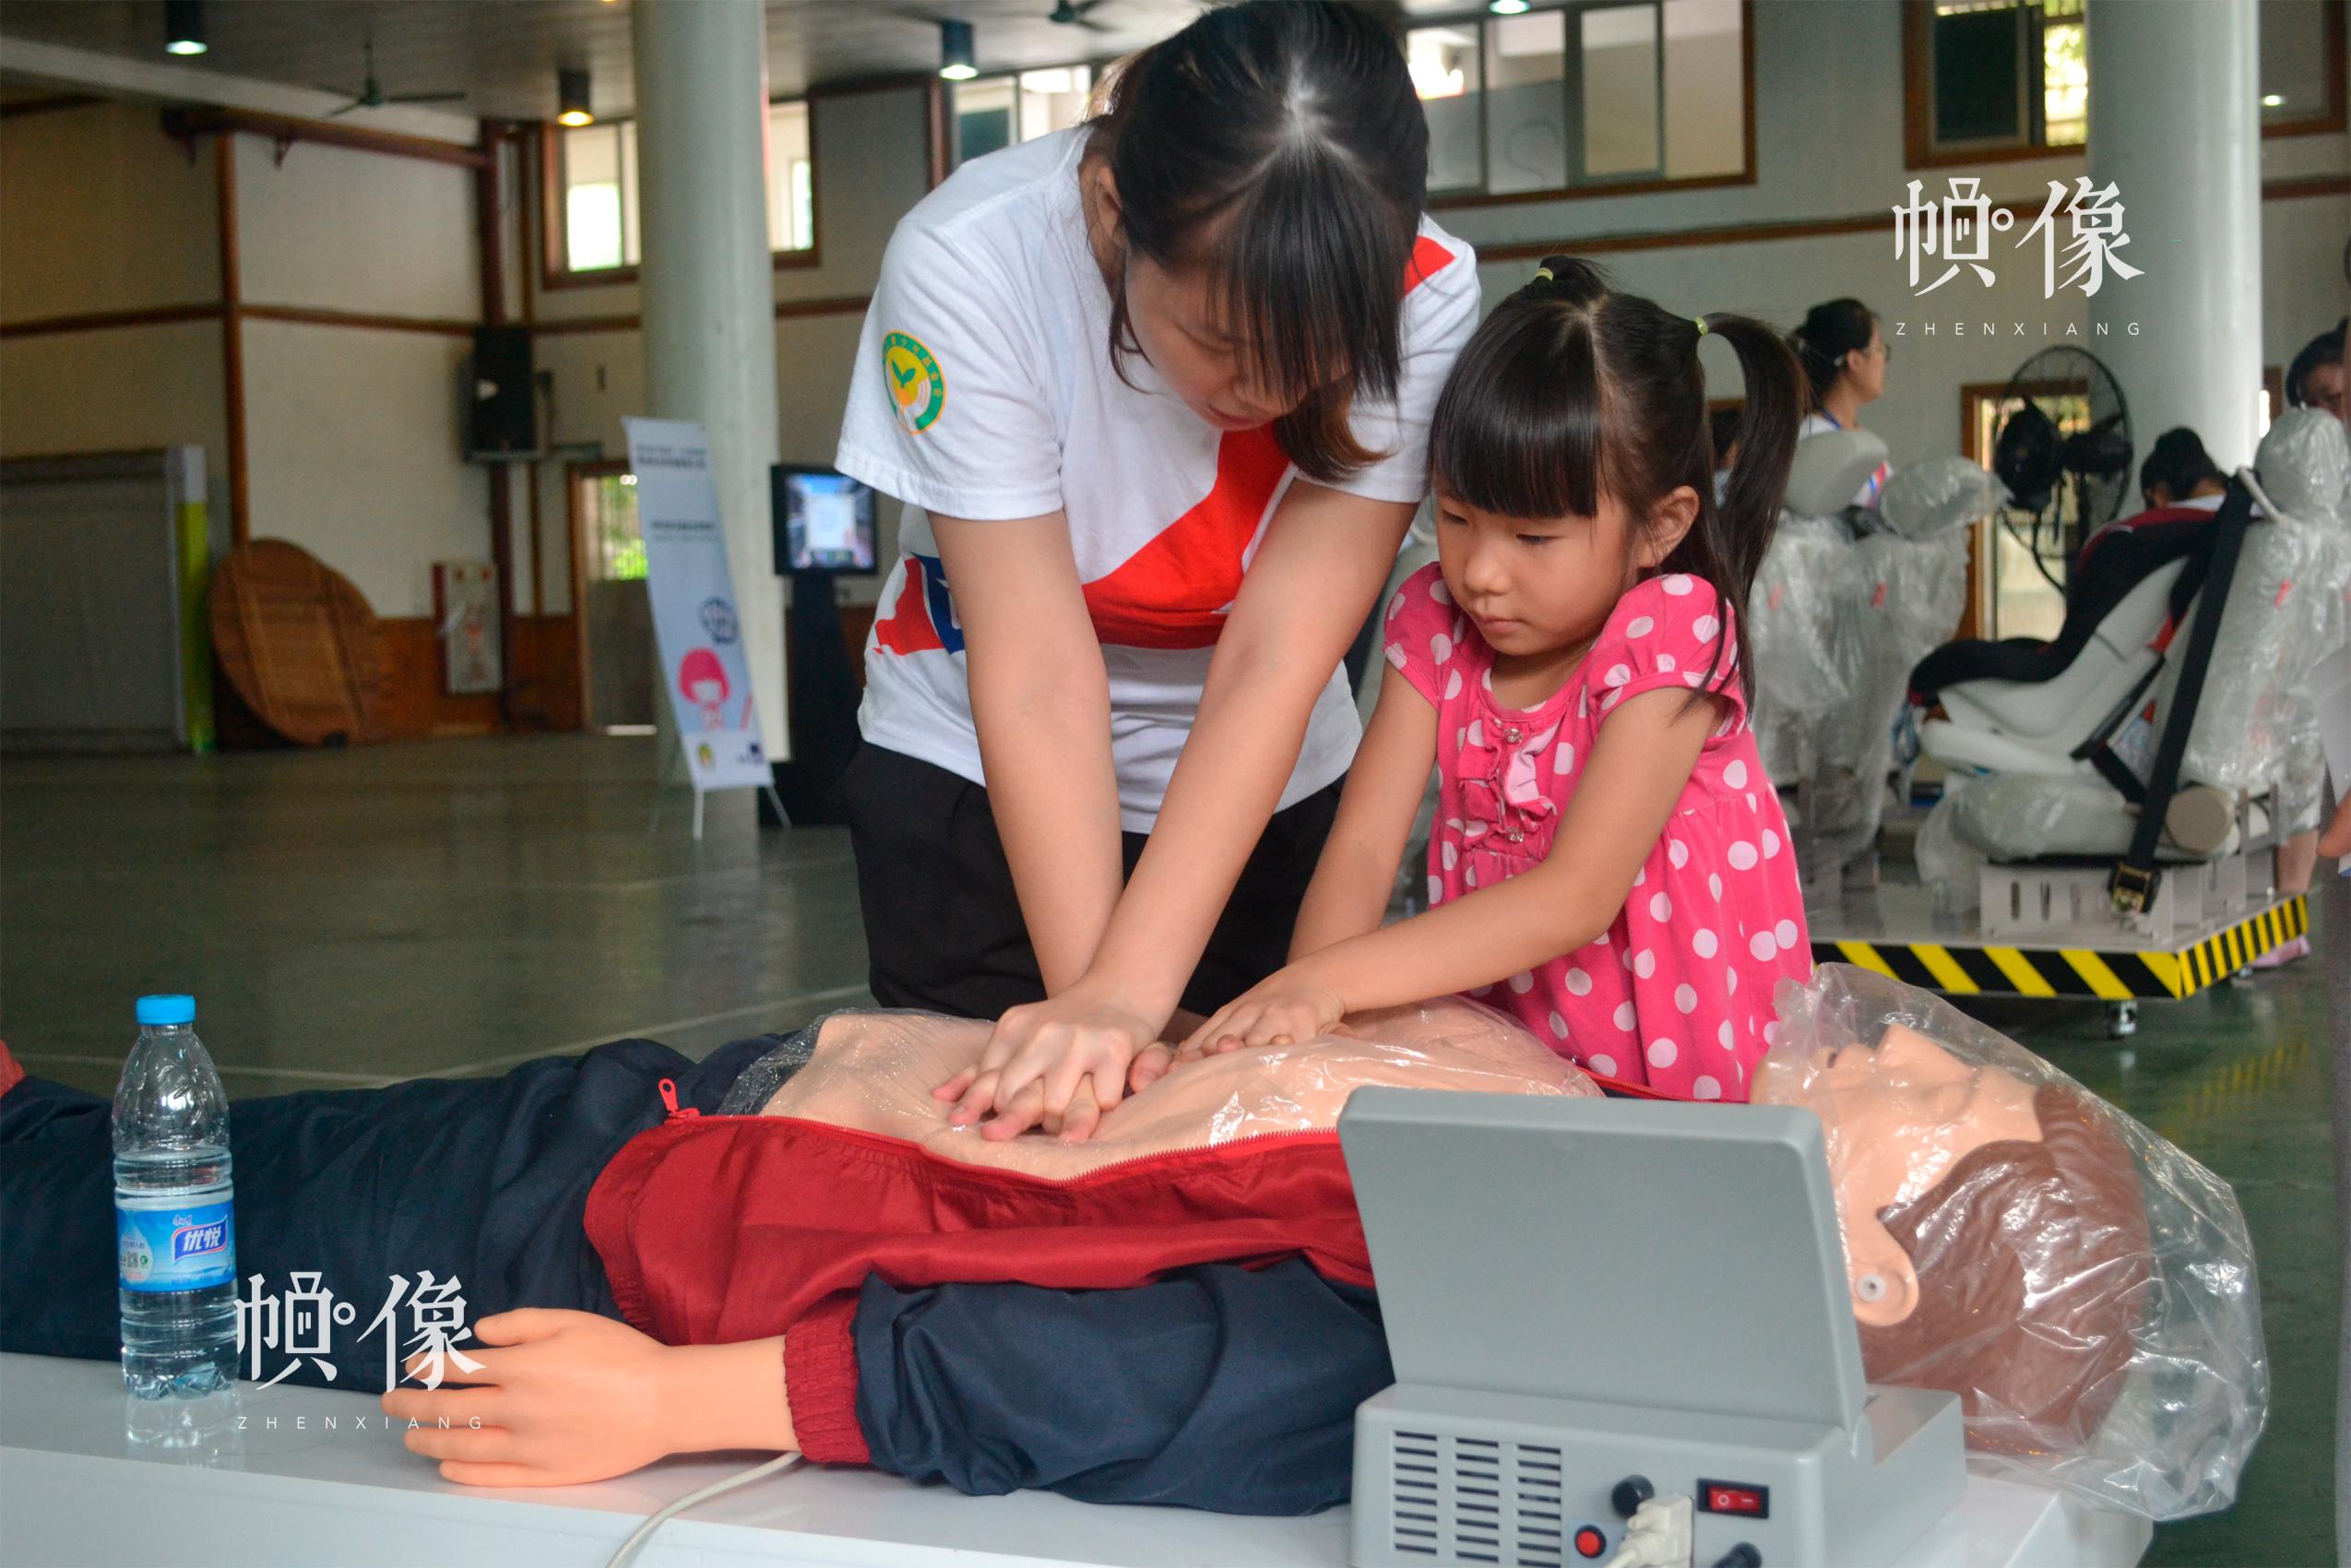 安全教育巡展活动依托社区为阵地,建设移动安全体验营,将安全教育送入社区、家庭身边。志愿者向小朋友示范心肺复苏。中国儿童少年基金会供图